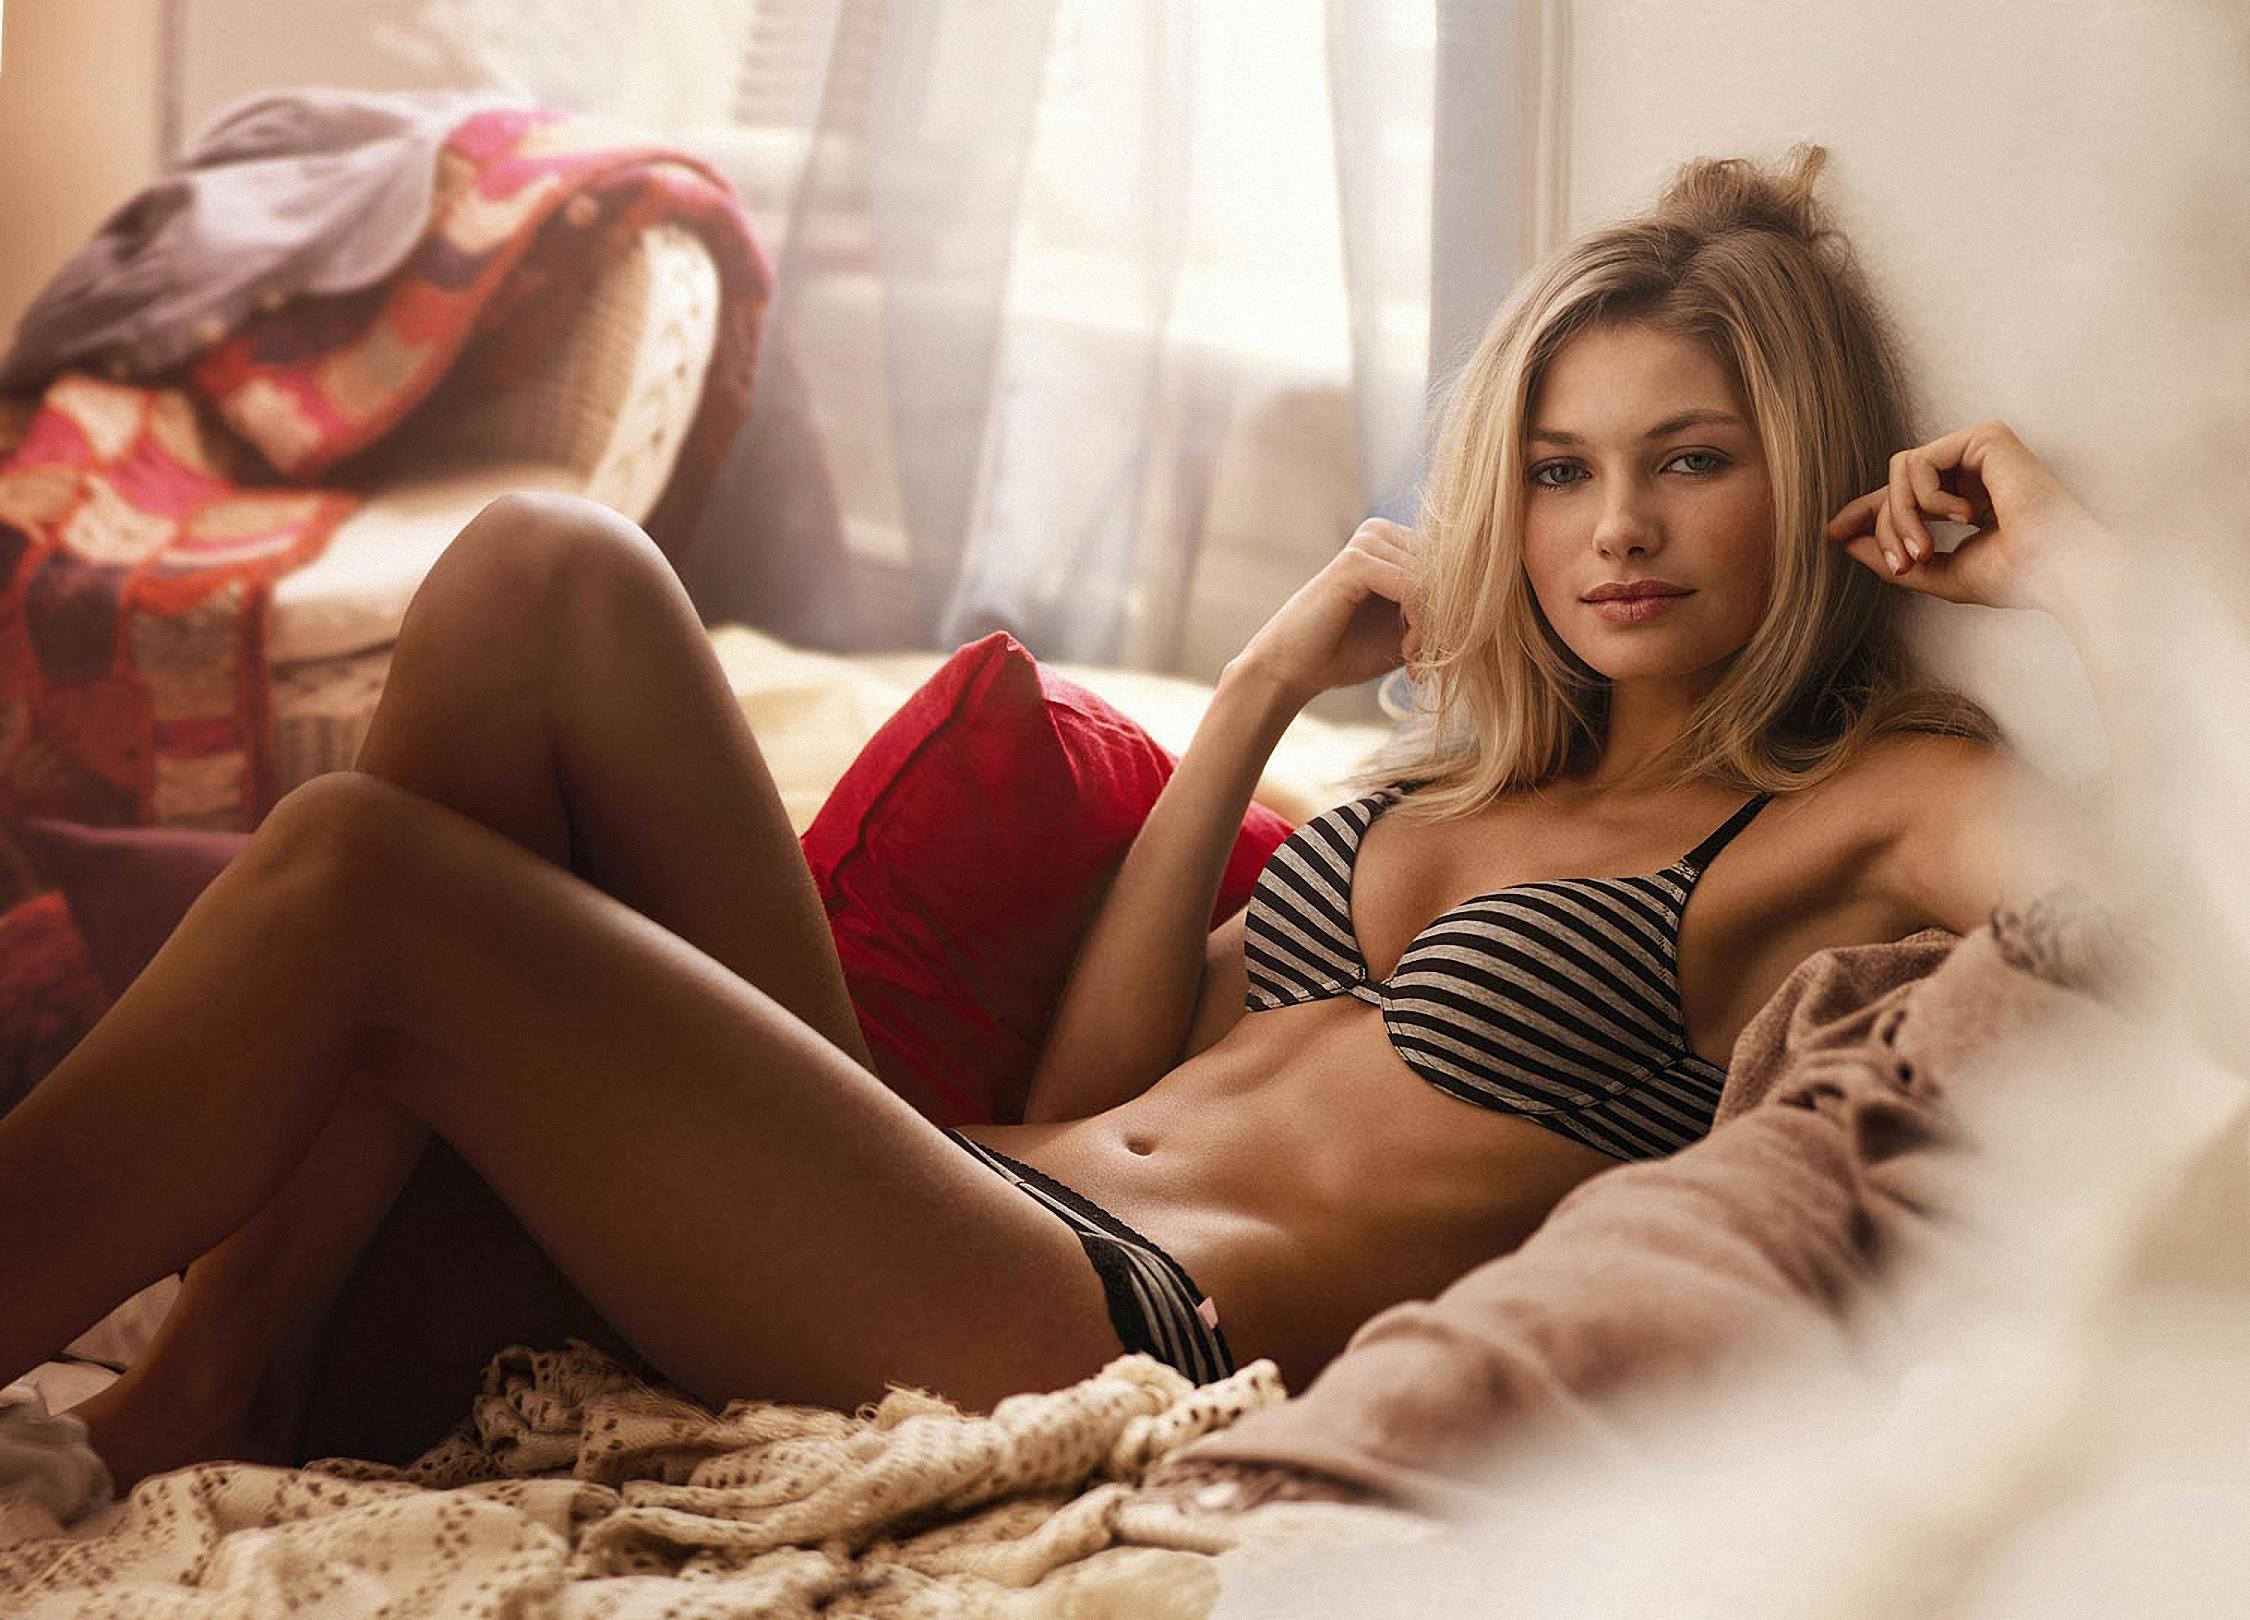 Фото красивых девушек без белья 18 лет 23 фотография